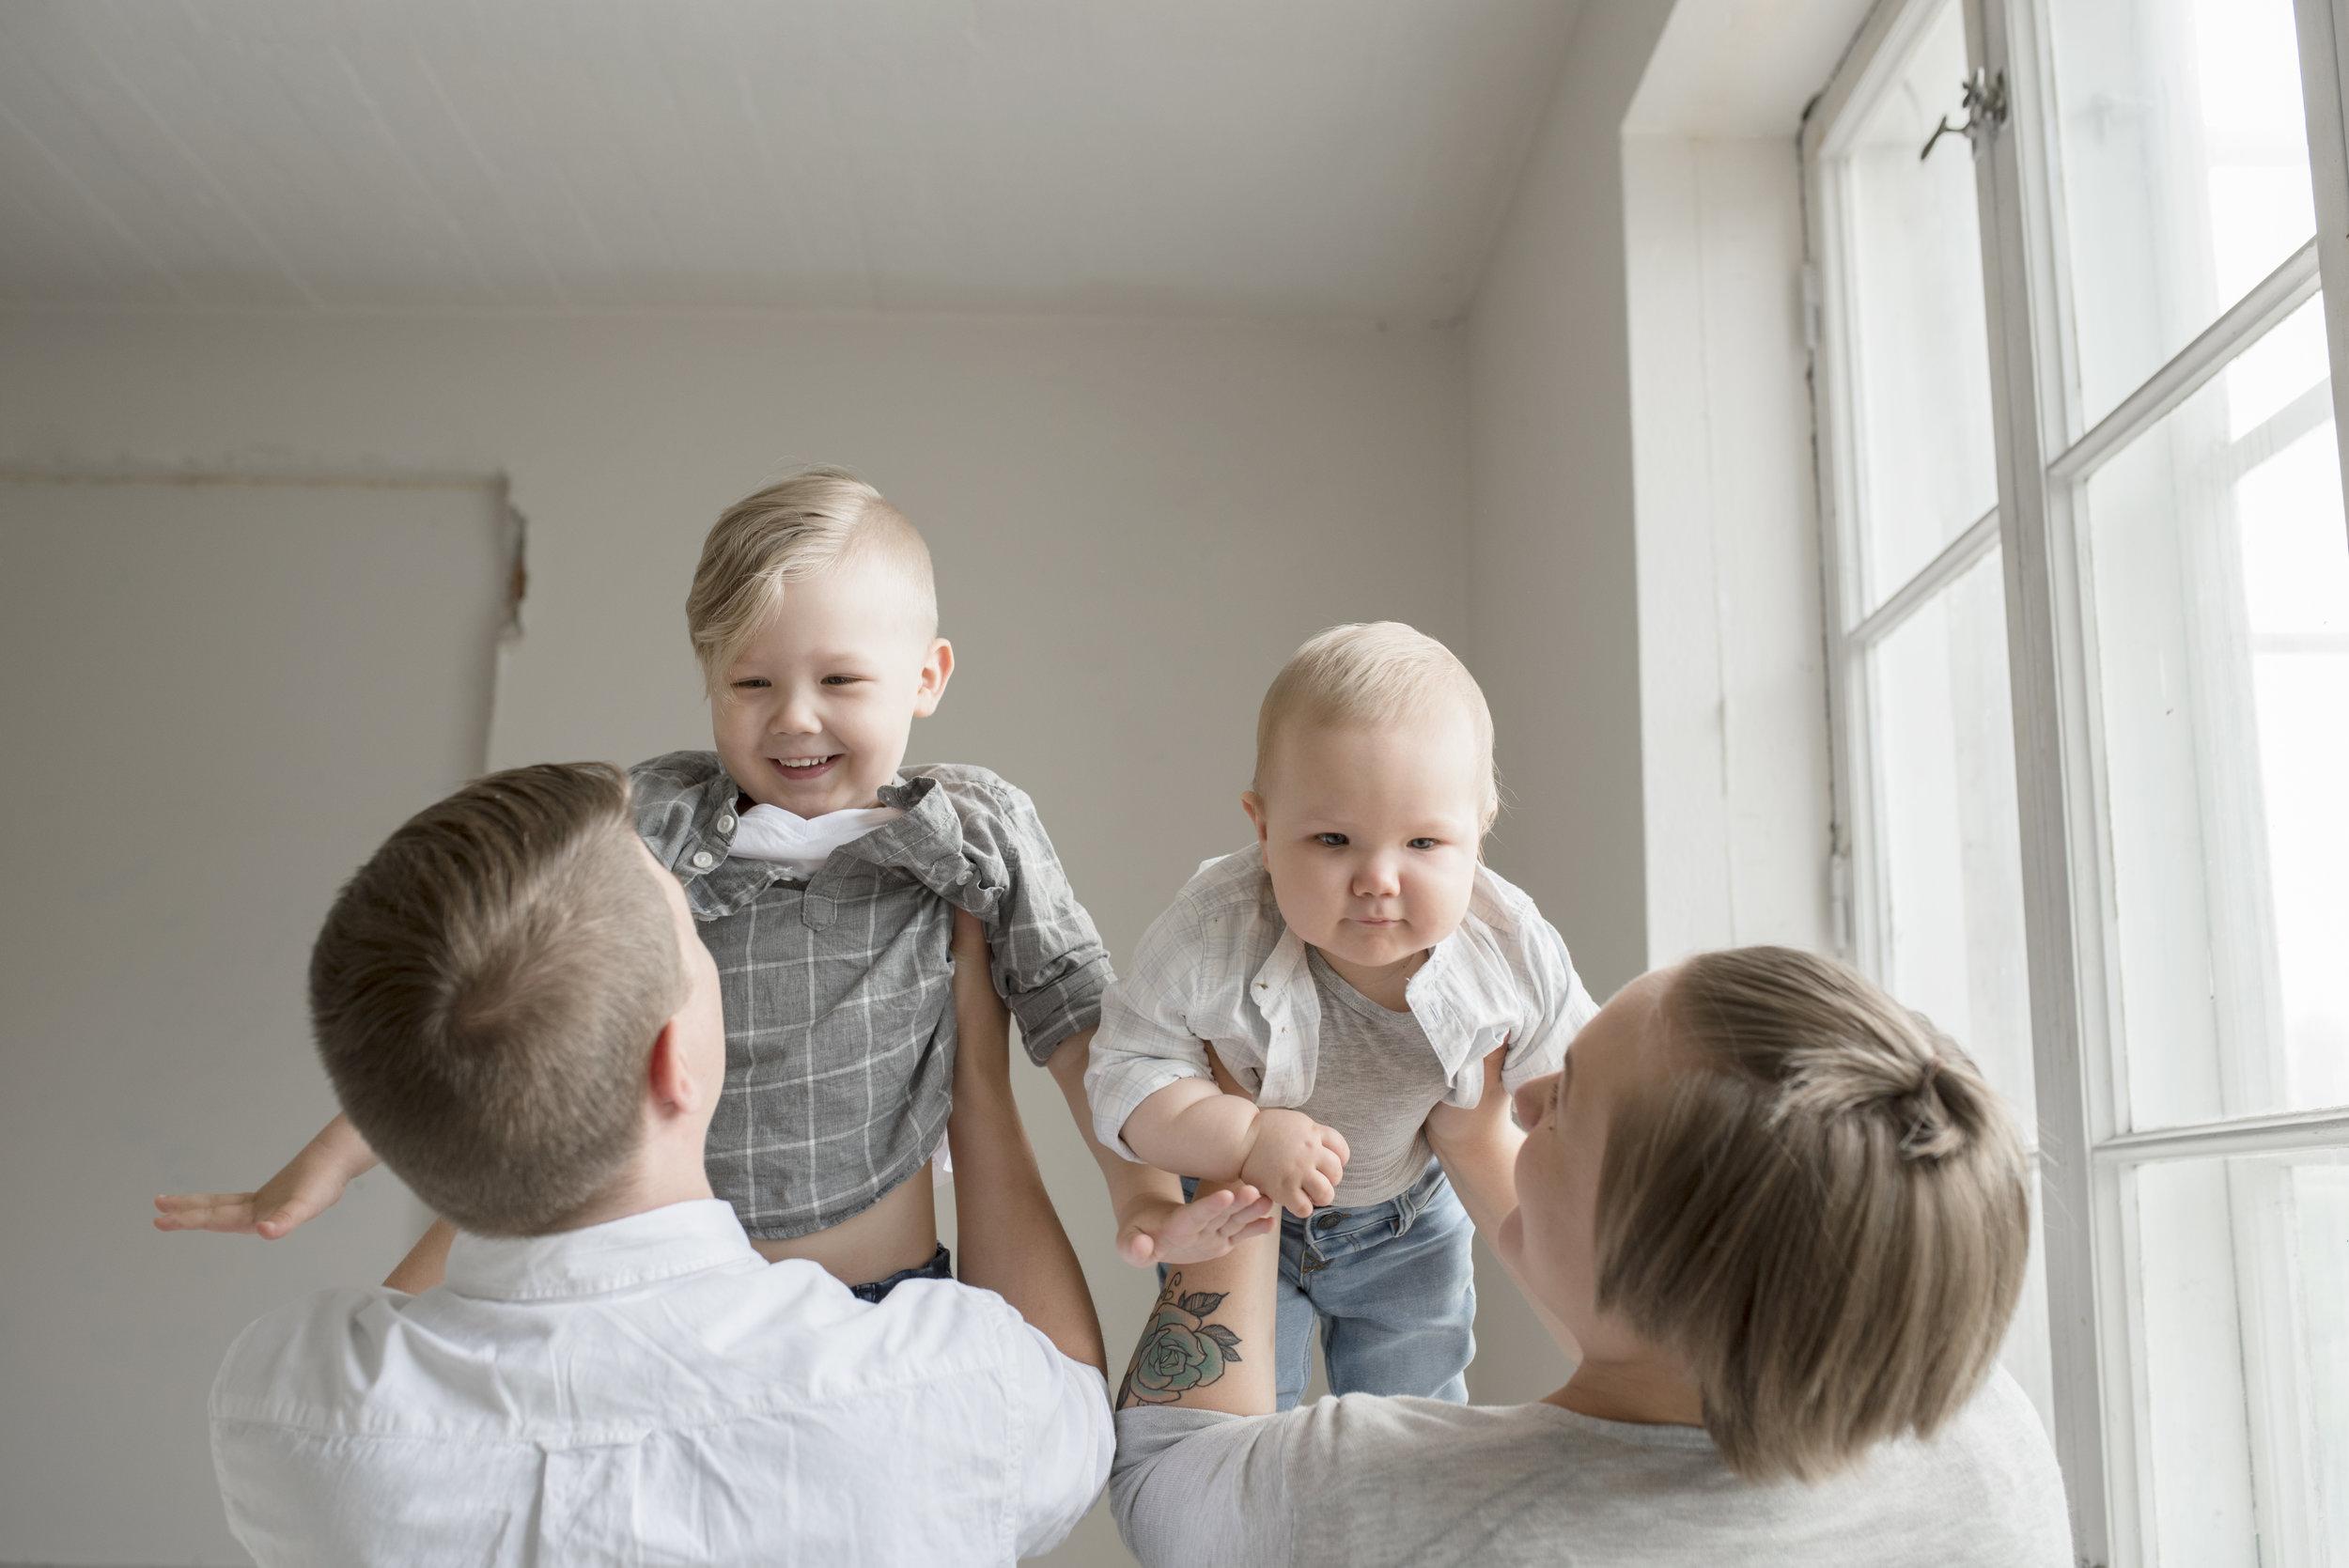 lapsikuvaus hämeenlinna perhekuvaus studiokuvaus perhe valokuvaaja valokuvaus hattula salla s photography